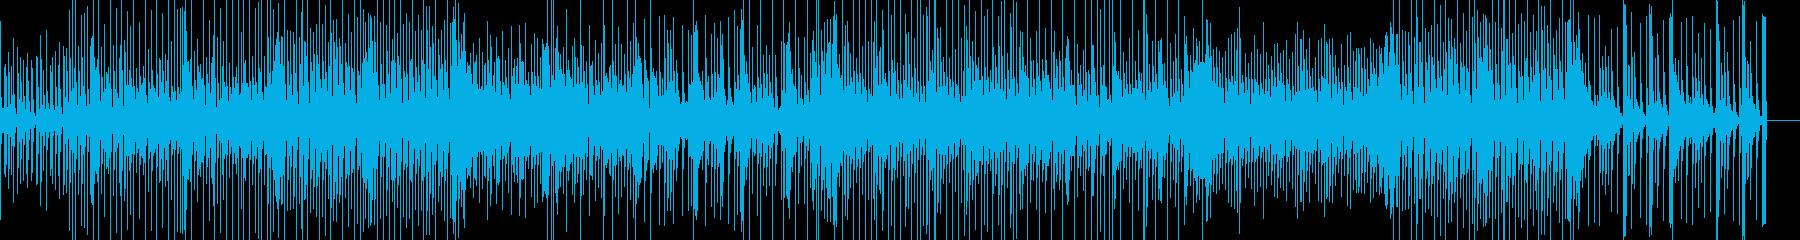 明るく心が弾むようなポップス曲の再生済みの波形